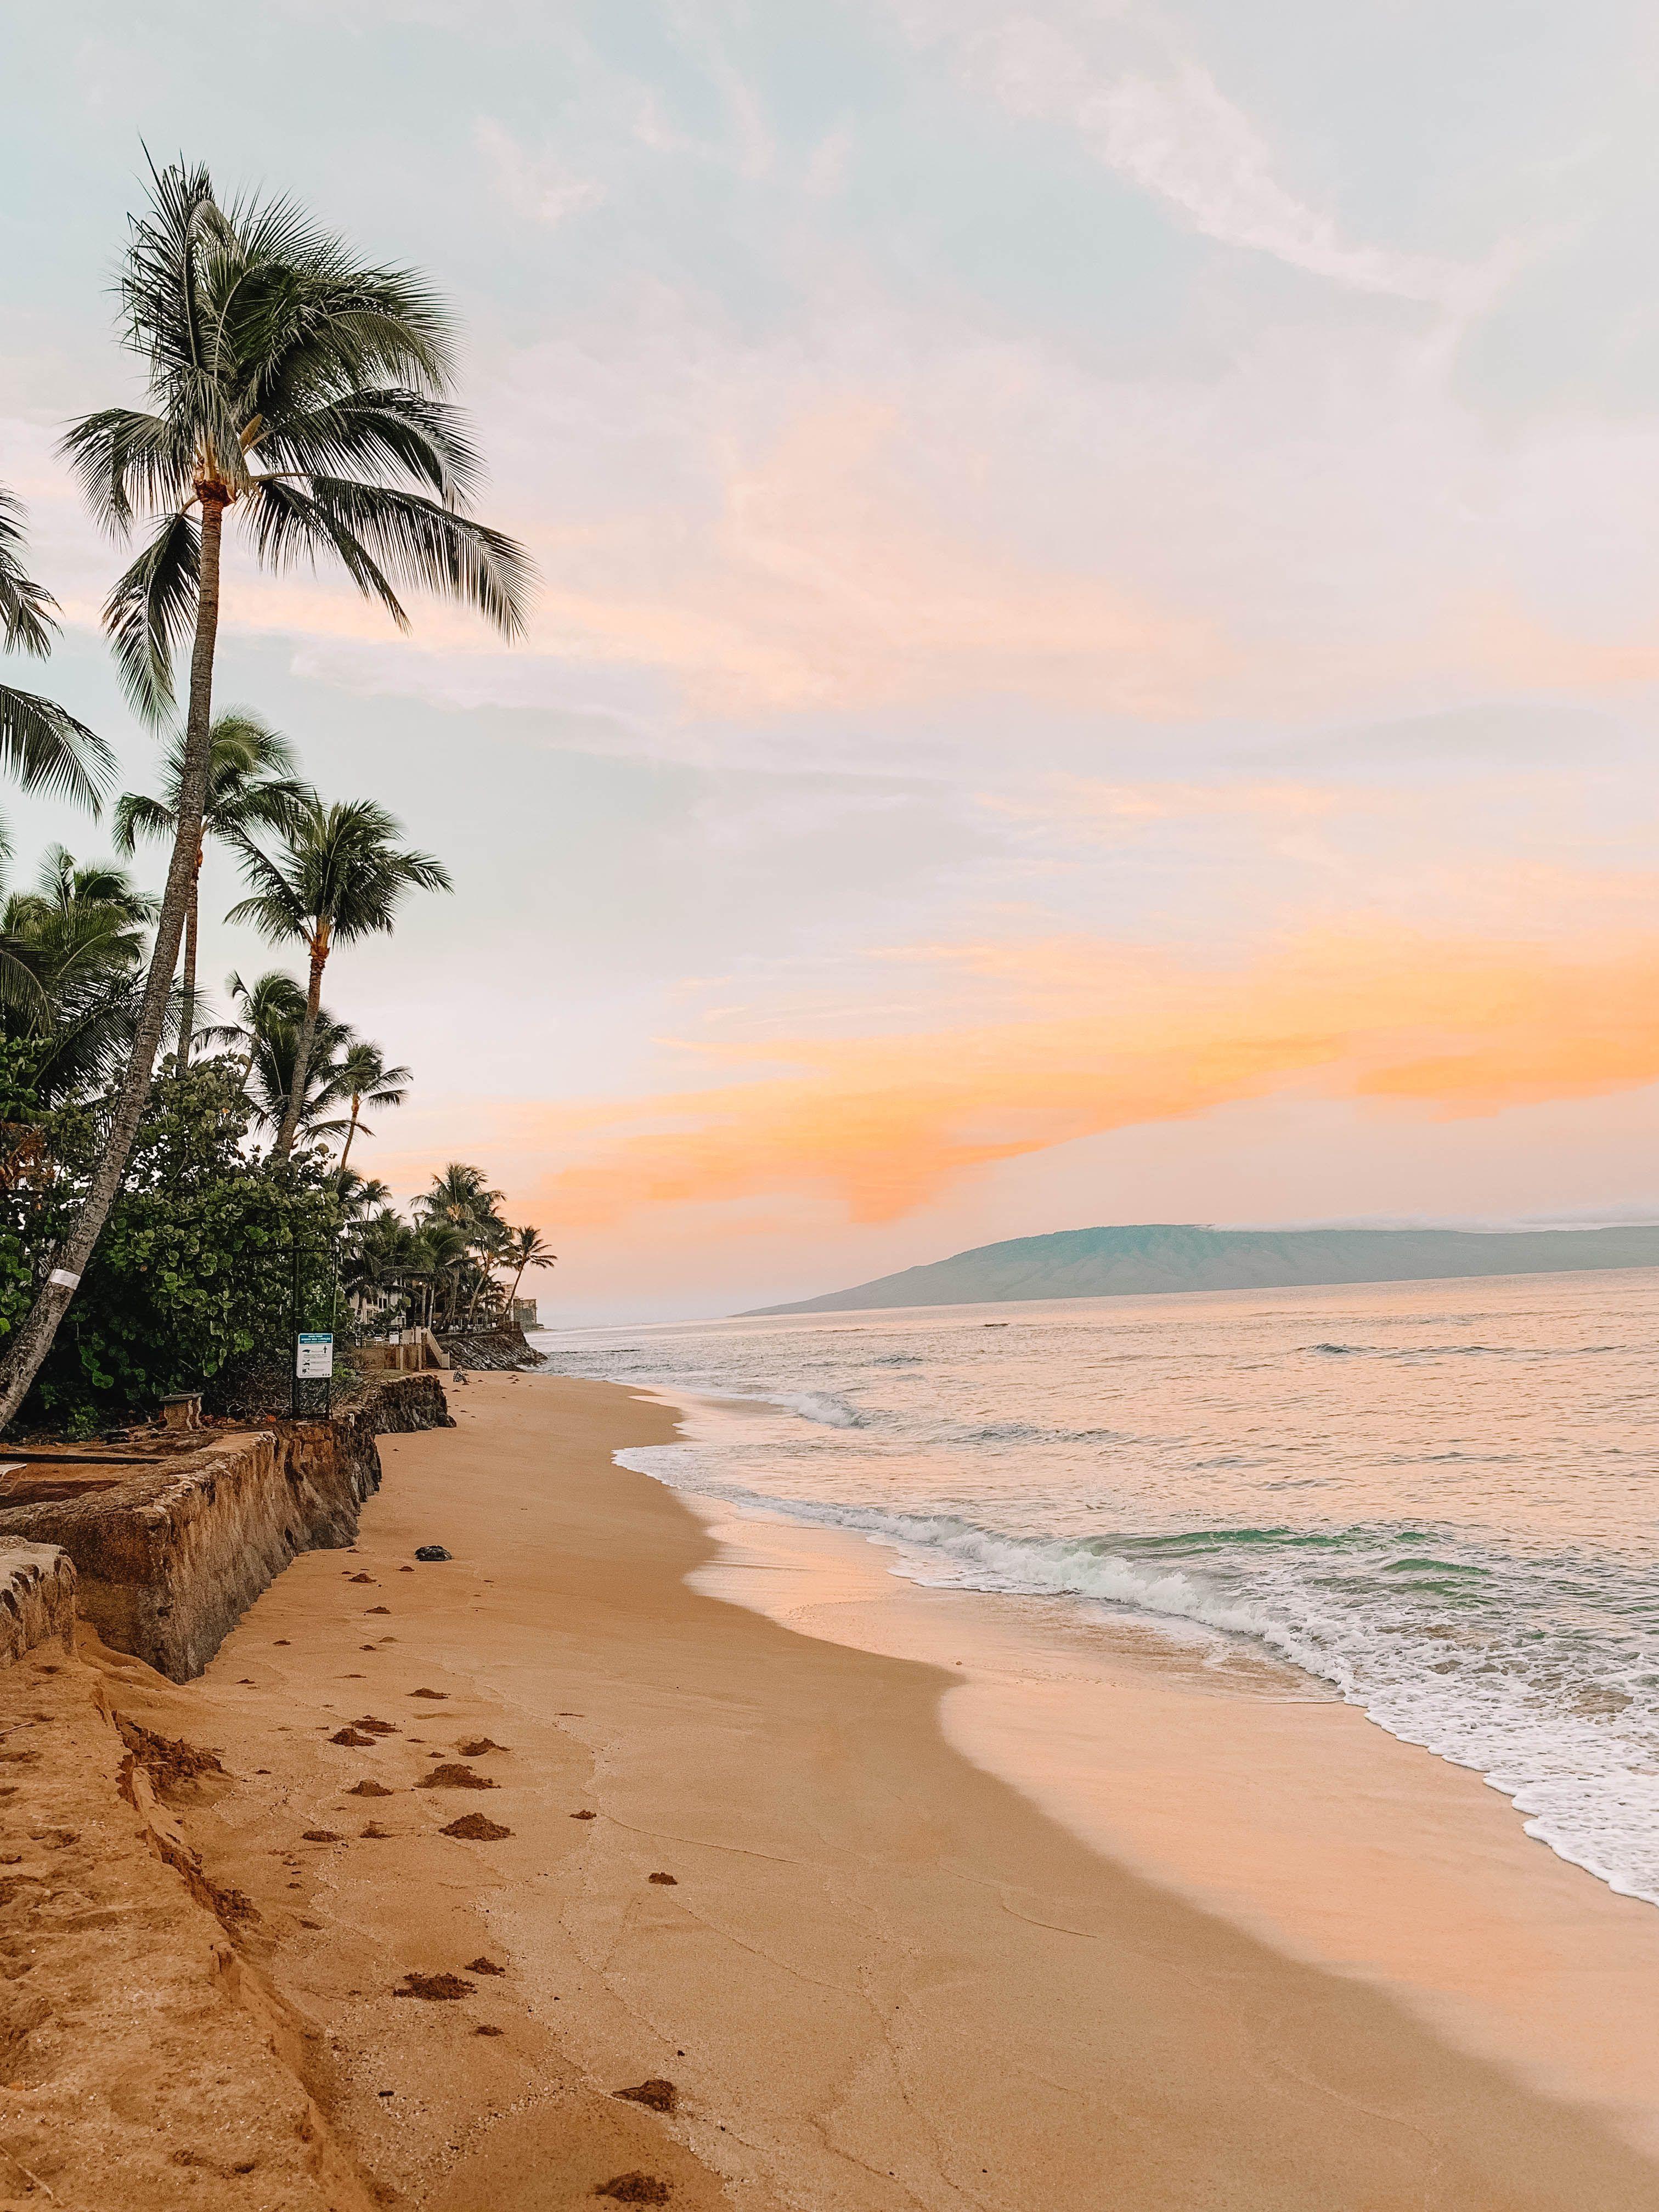 Our Trip To Maui Hawaii, Maui Travel Guide #mauihawaii #maui #mauiguide  #bucketlist #hawaii #vacationideas #travelguide